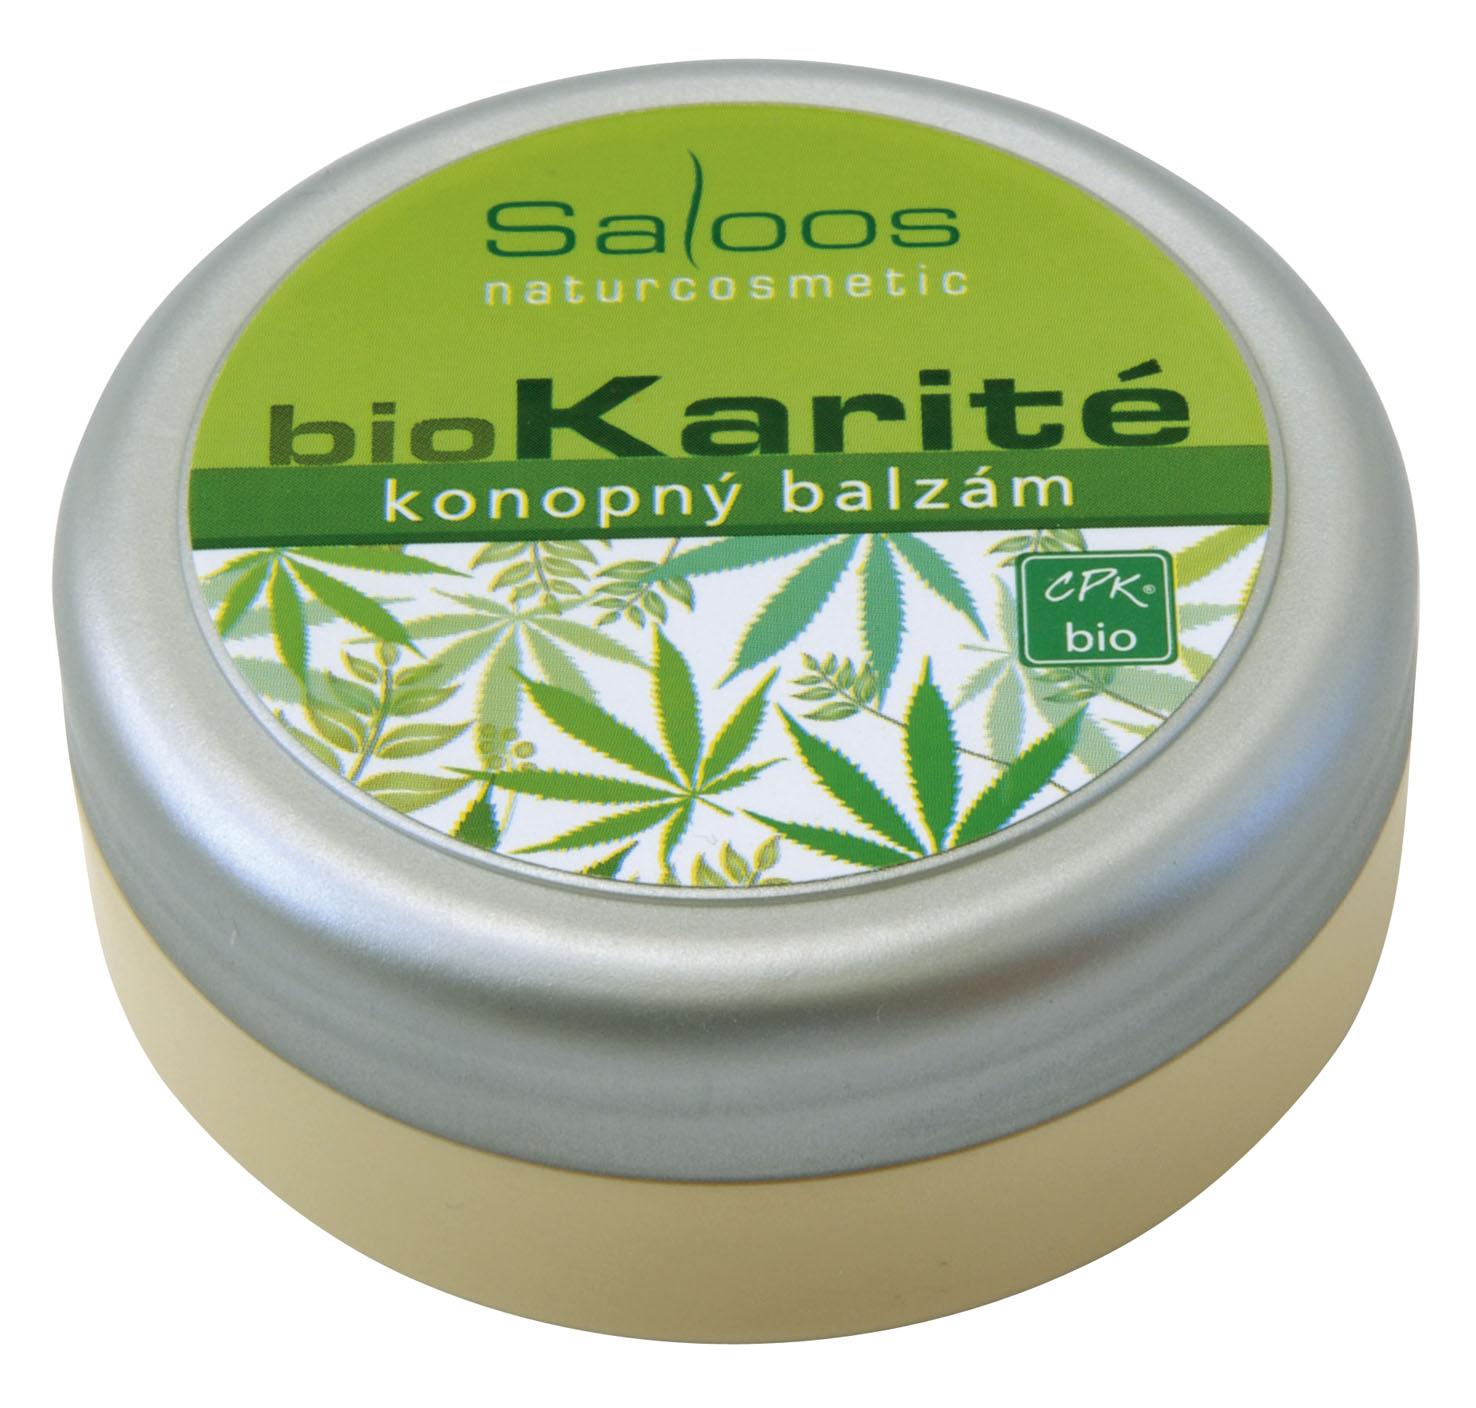 Saloos Bio karité - Konopný balzam 50 50 ml